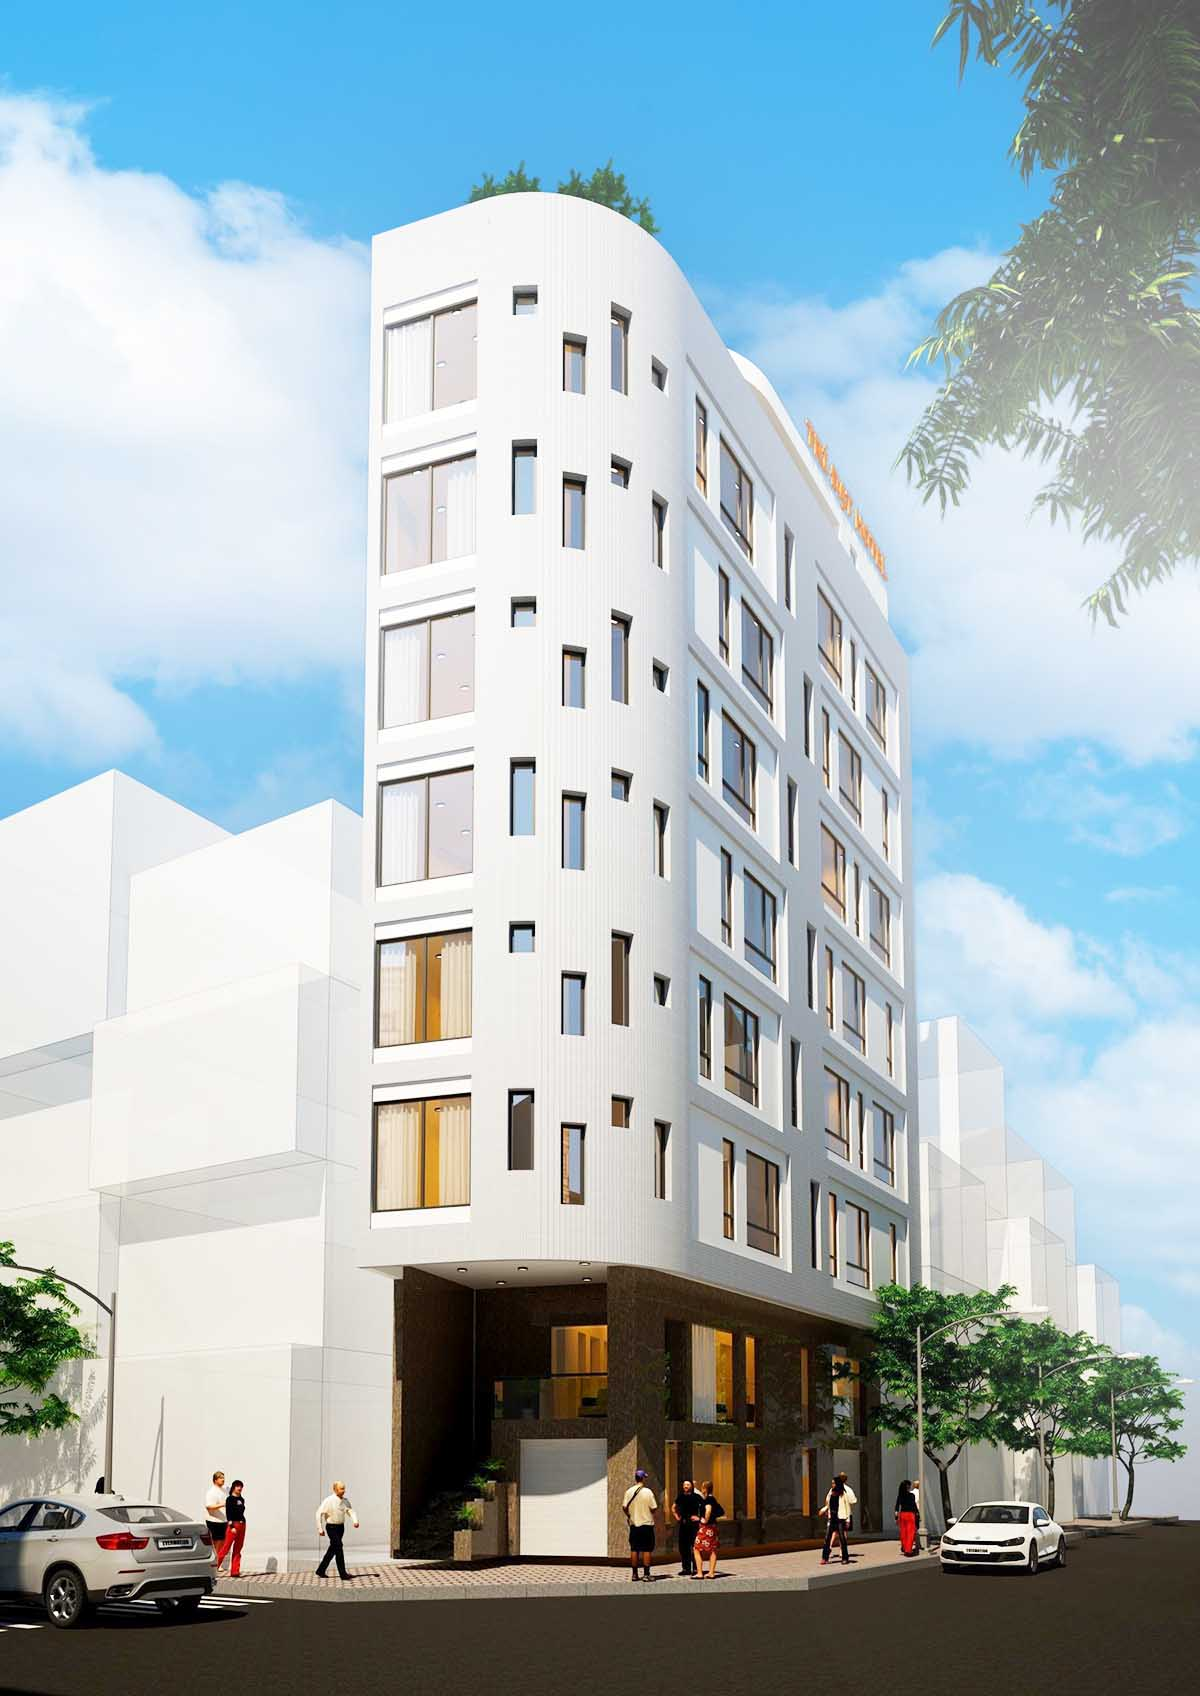 Khách sạn 5x20m với 7 tầng (Ảnh: Internet)